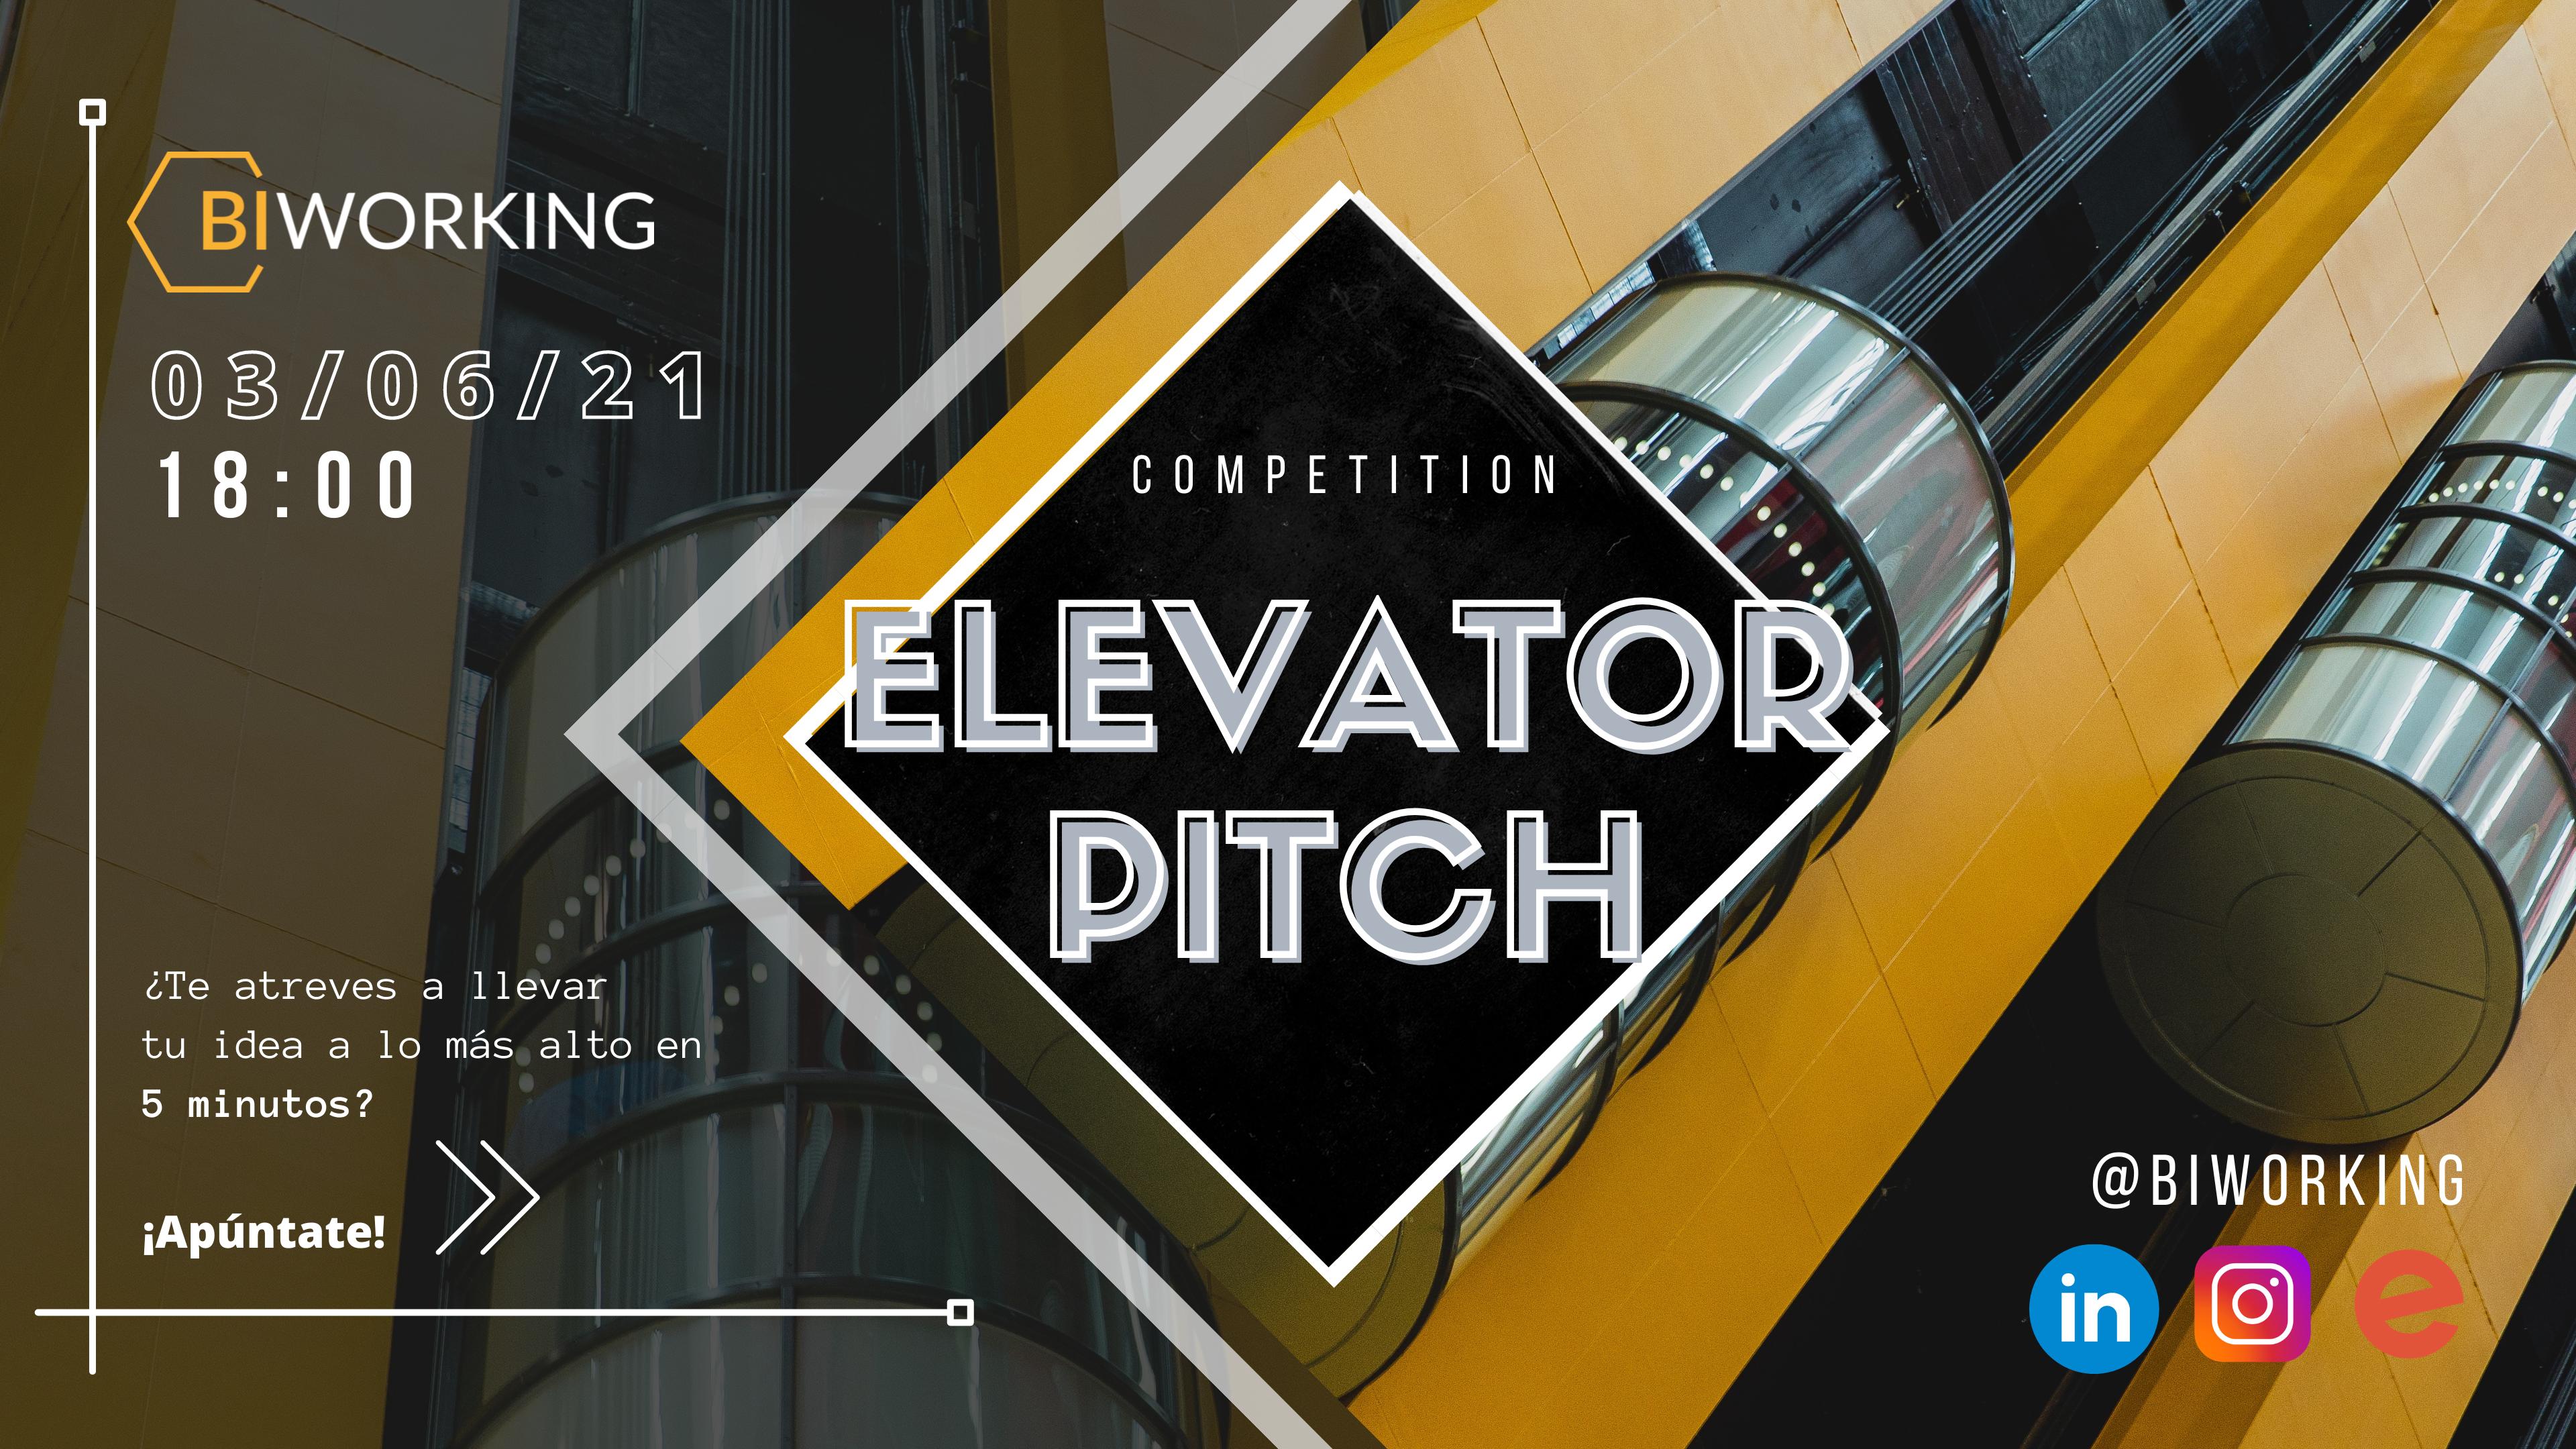 elevatorpich1-Biworking-coworking-bilbao-eventos-empresas-startups